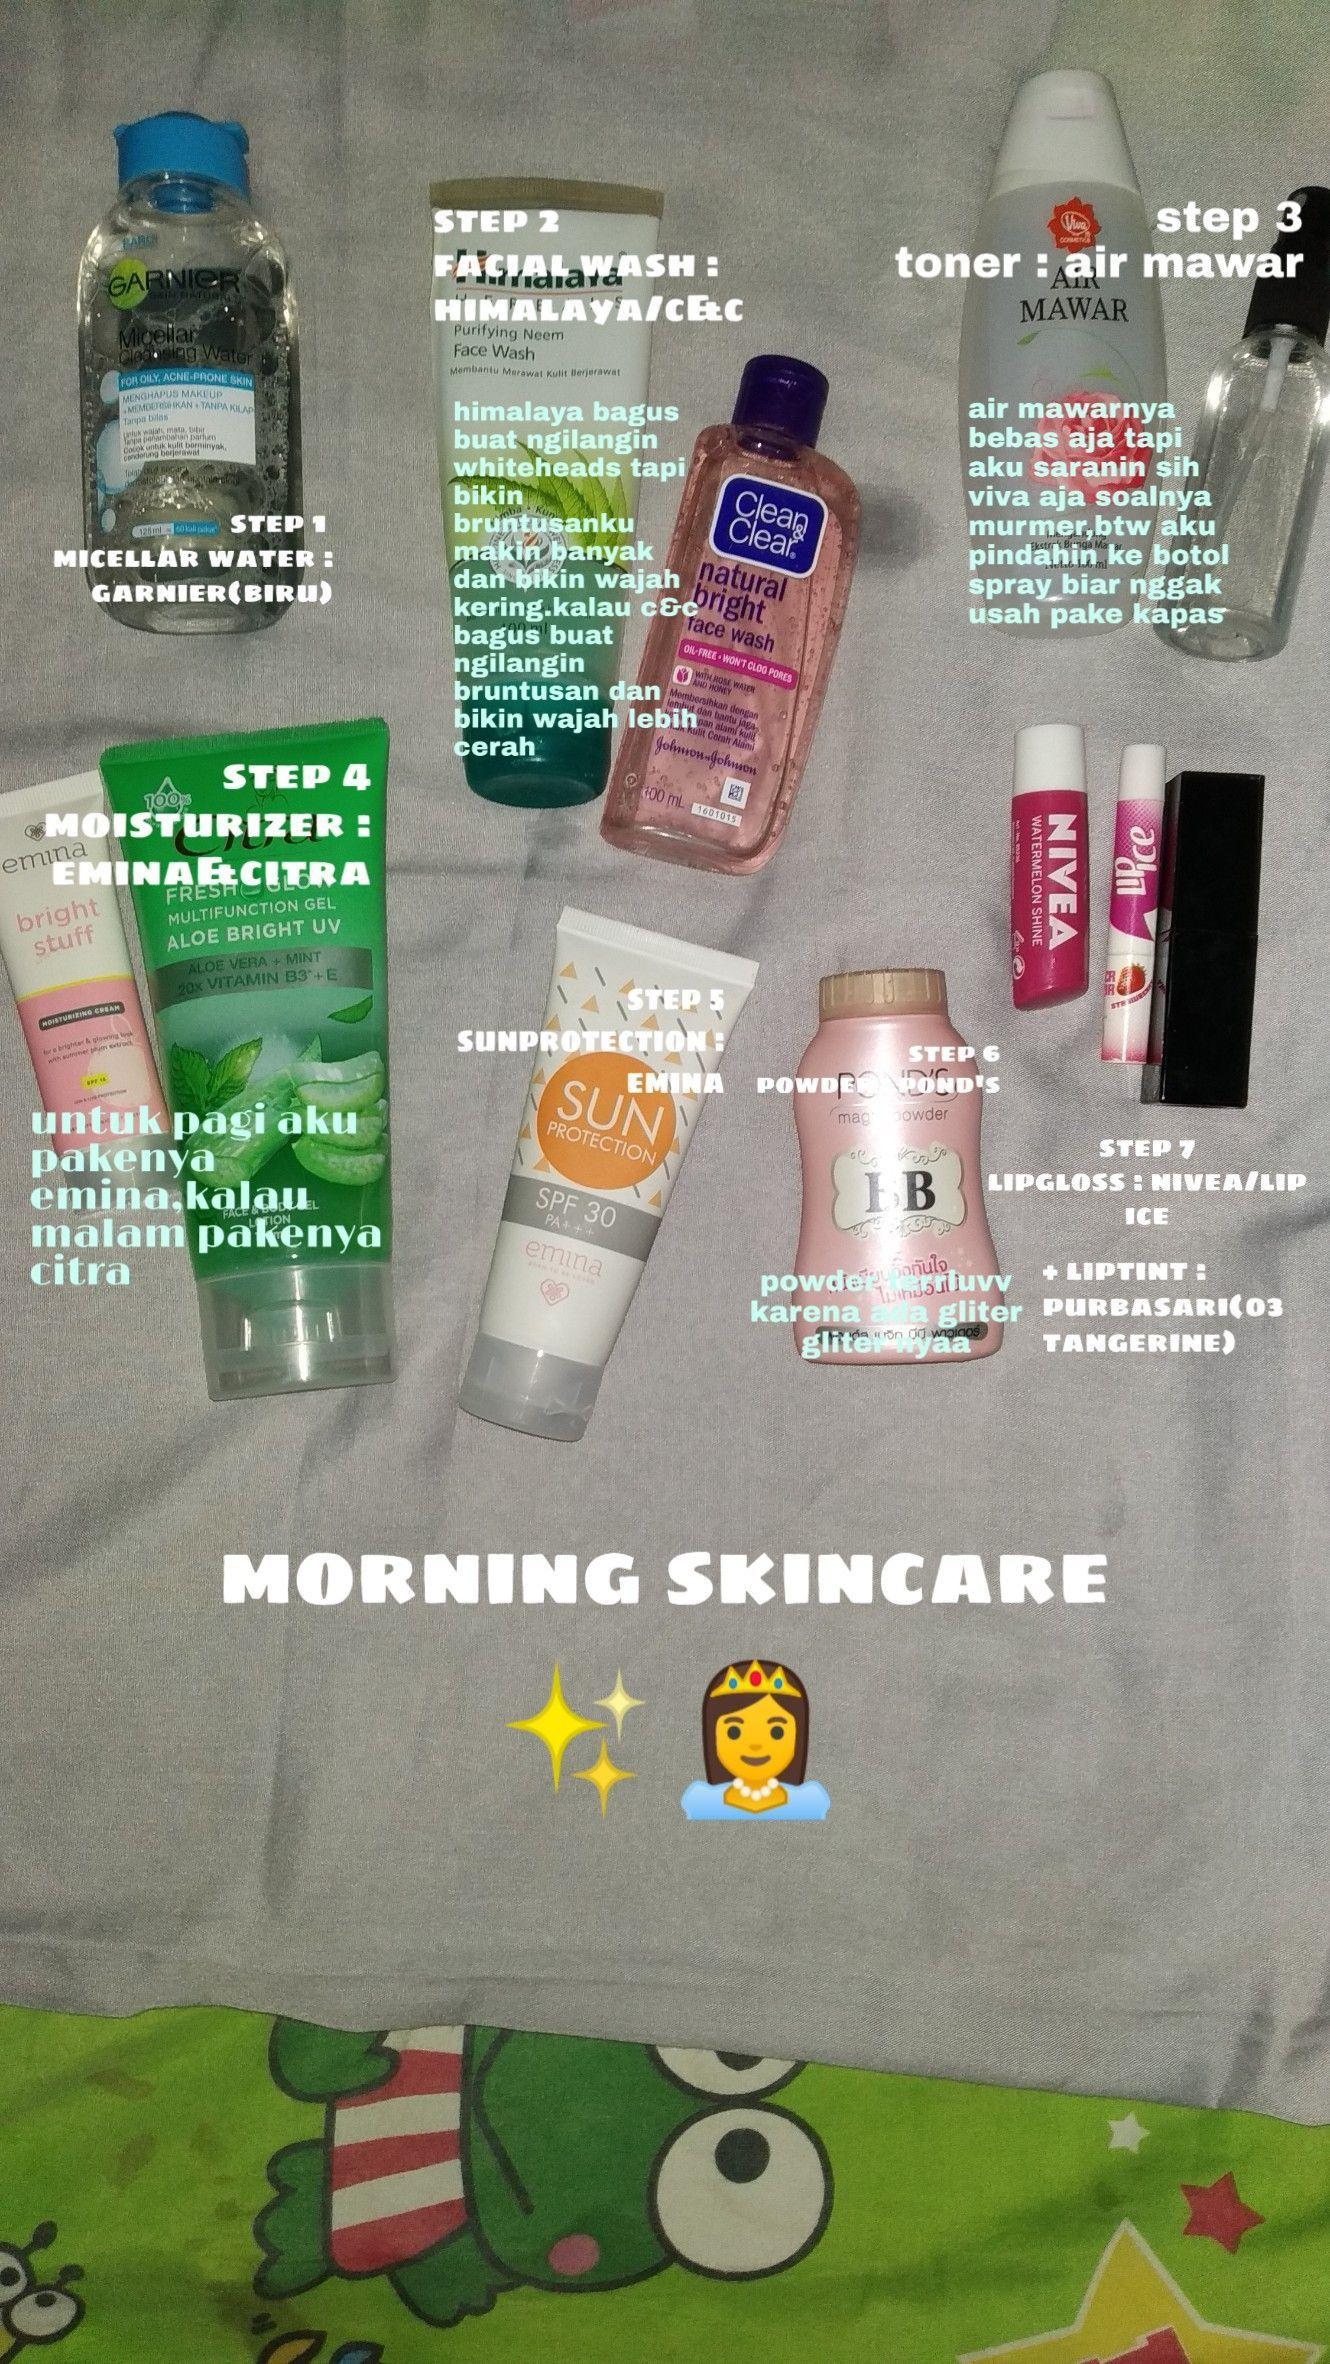 Buat Kulit Bruntusan Dan Kuit Kering Aku Reccomed Skincare Yg Diatas Di 2020 Perawatan Kulit Produk Perawatan Kulit Kosmetik Alami